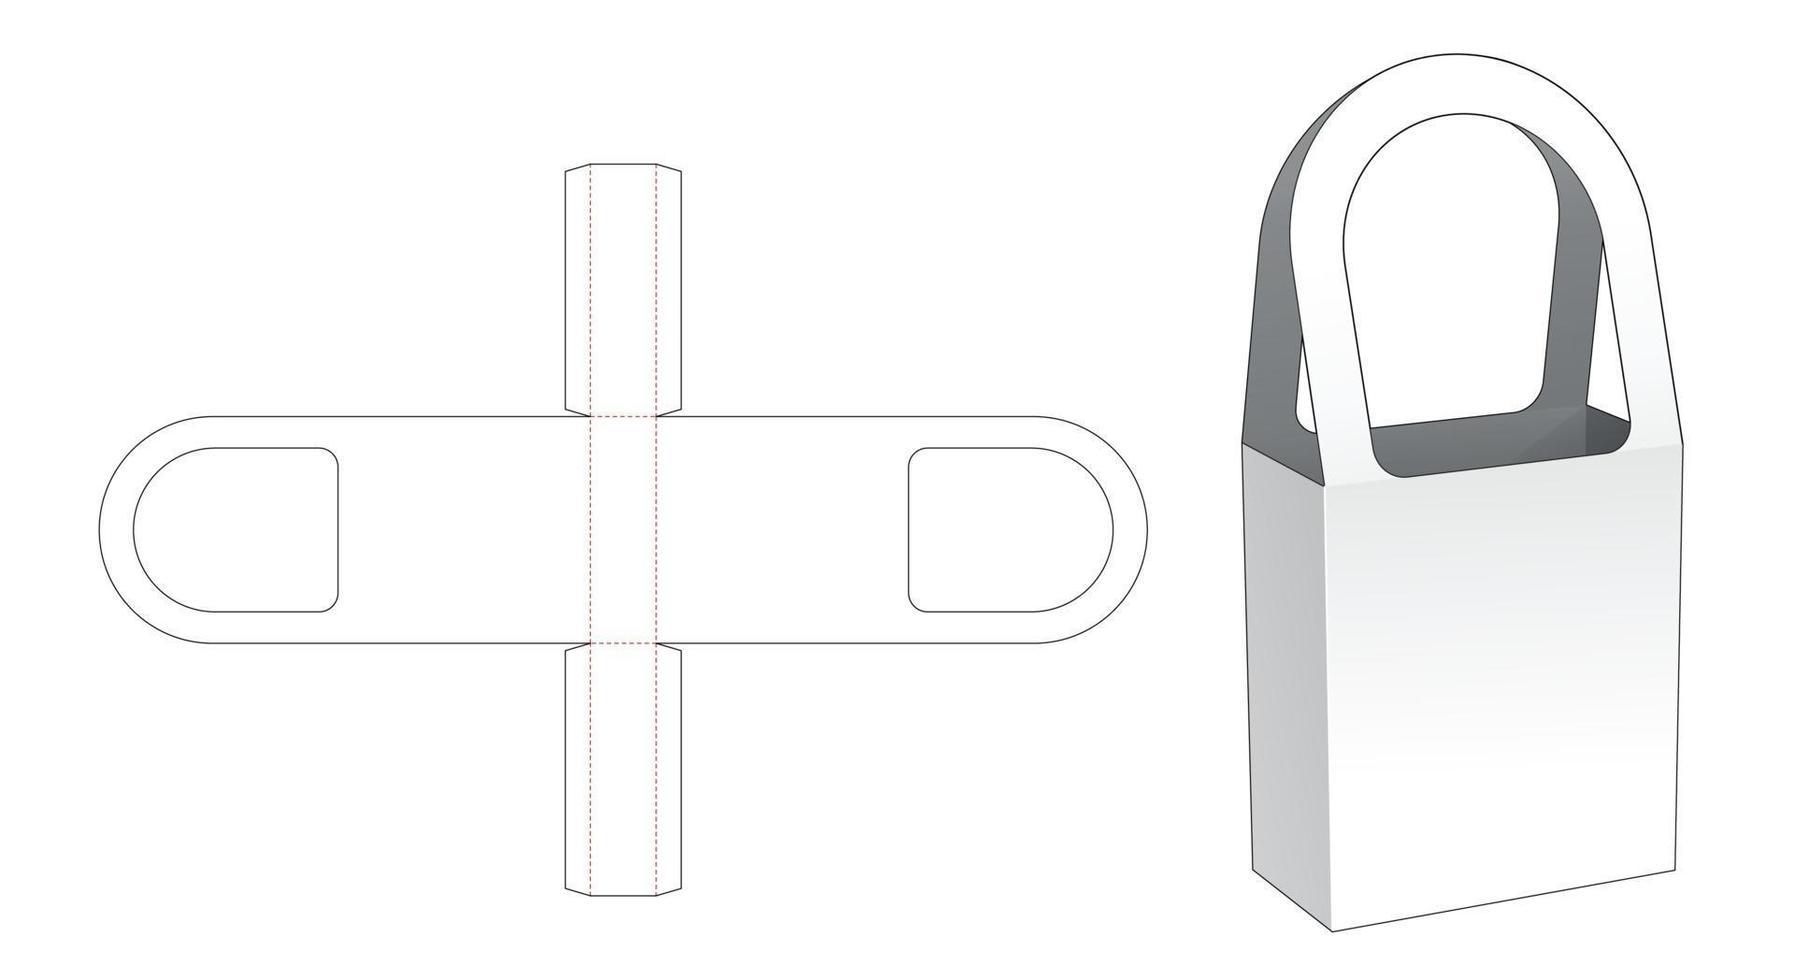 modelo de corte estampado para bolsa alta de papelão vetor